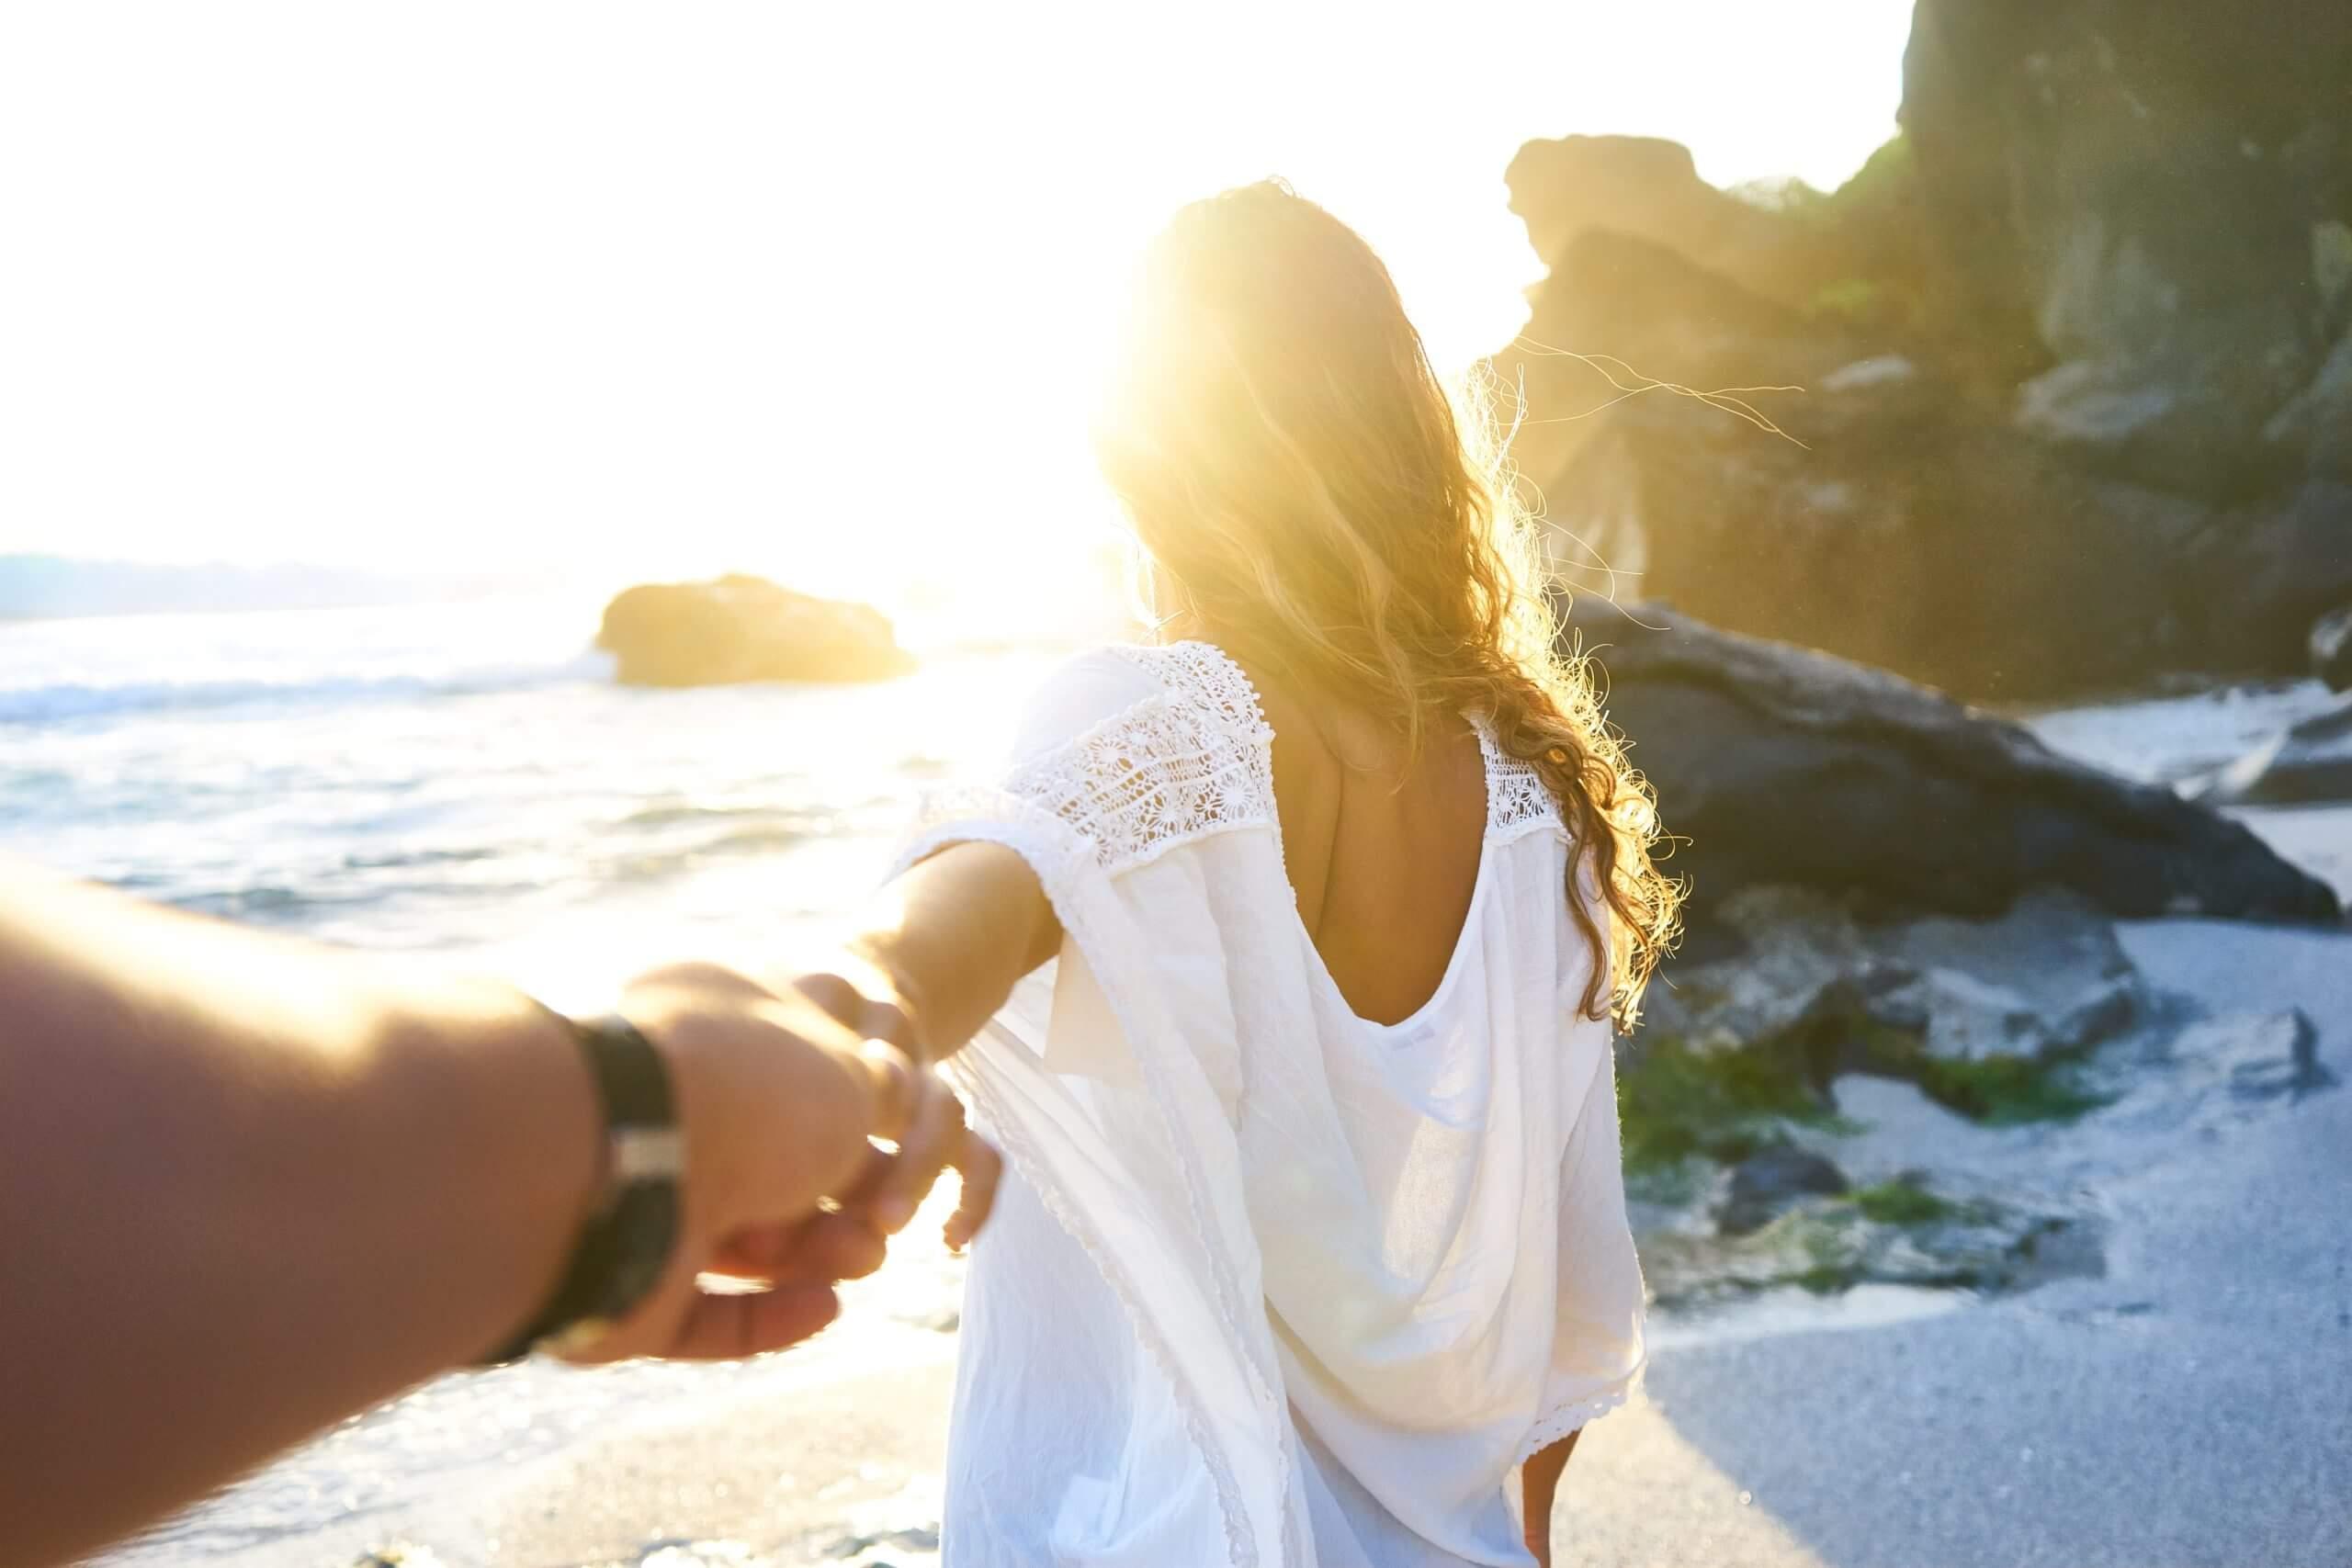 Flitterwochen Checkliste, Checkliste Hochzeitsreise, Hochzeitsreise Tipps, Hochzeitsreise planen, Flitterwochen Tipps